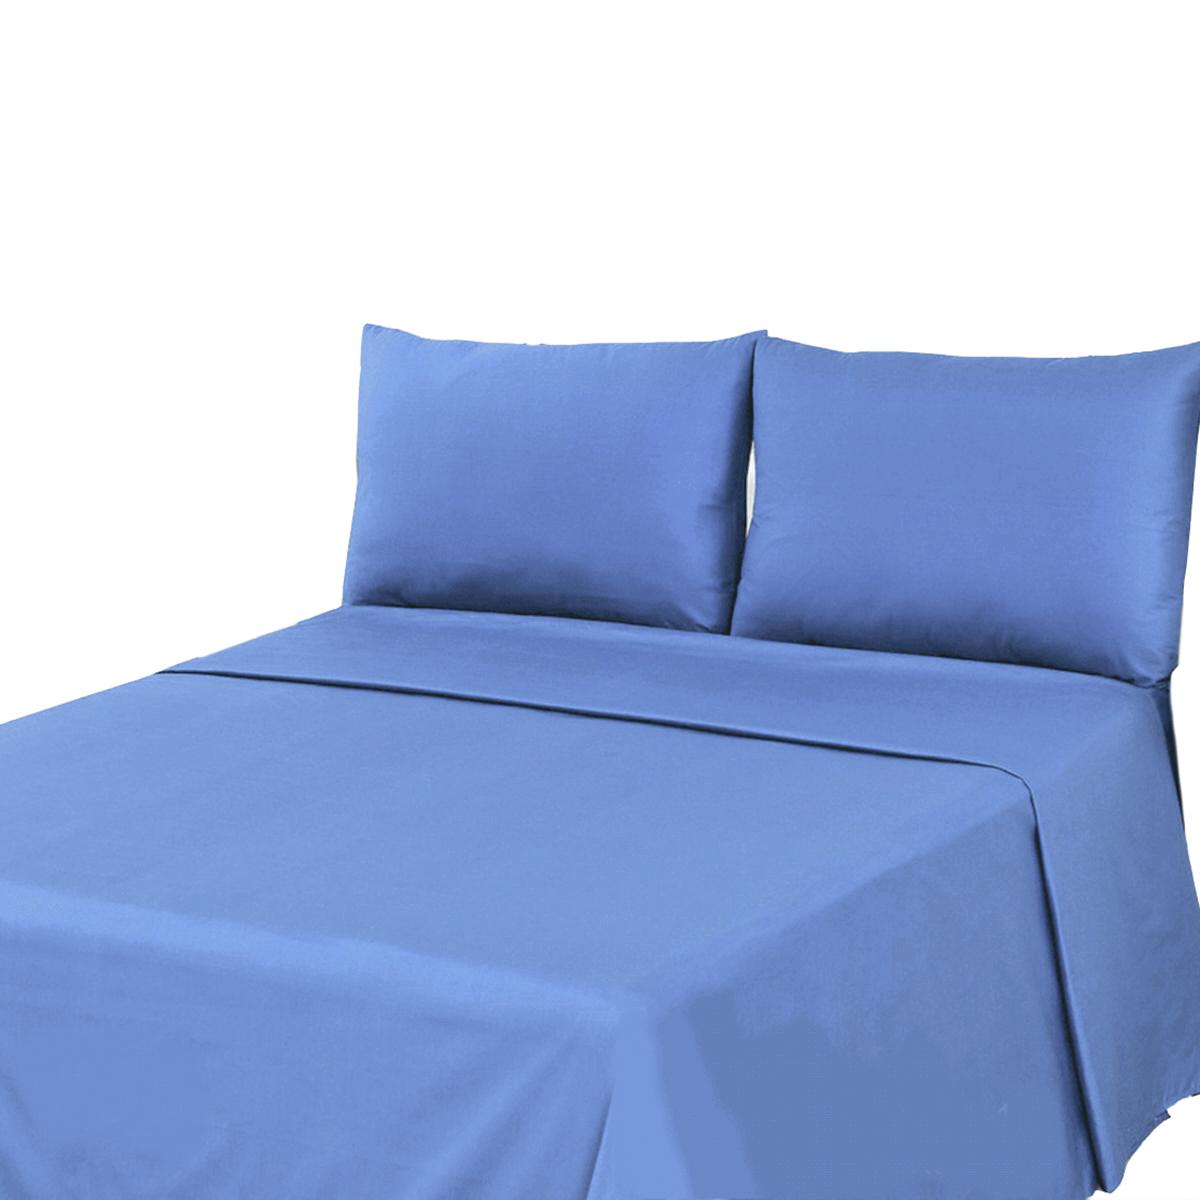 Deep Pocket Queen Bed Sheets